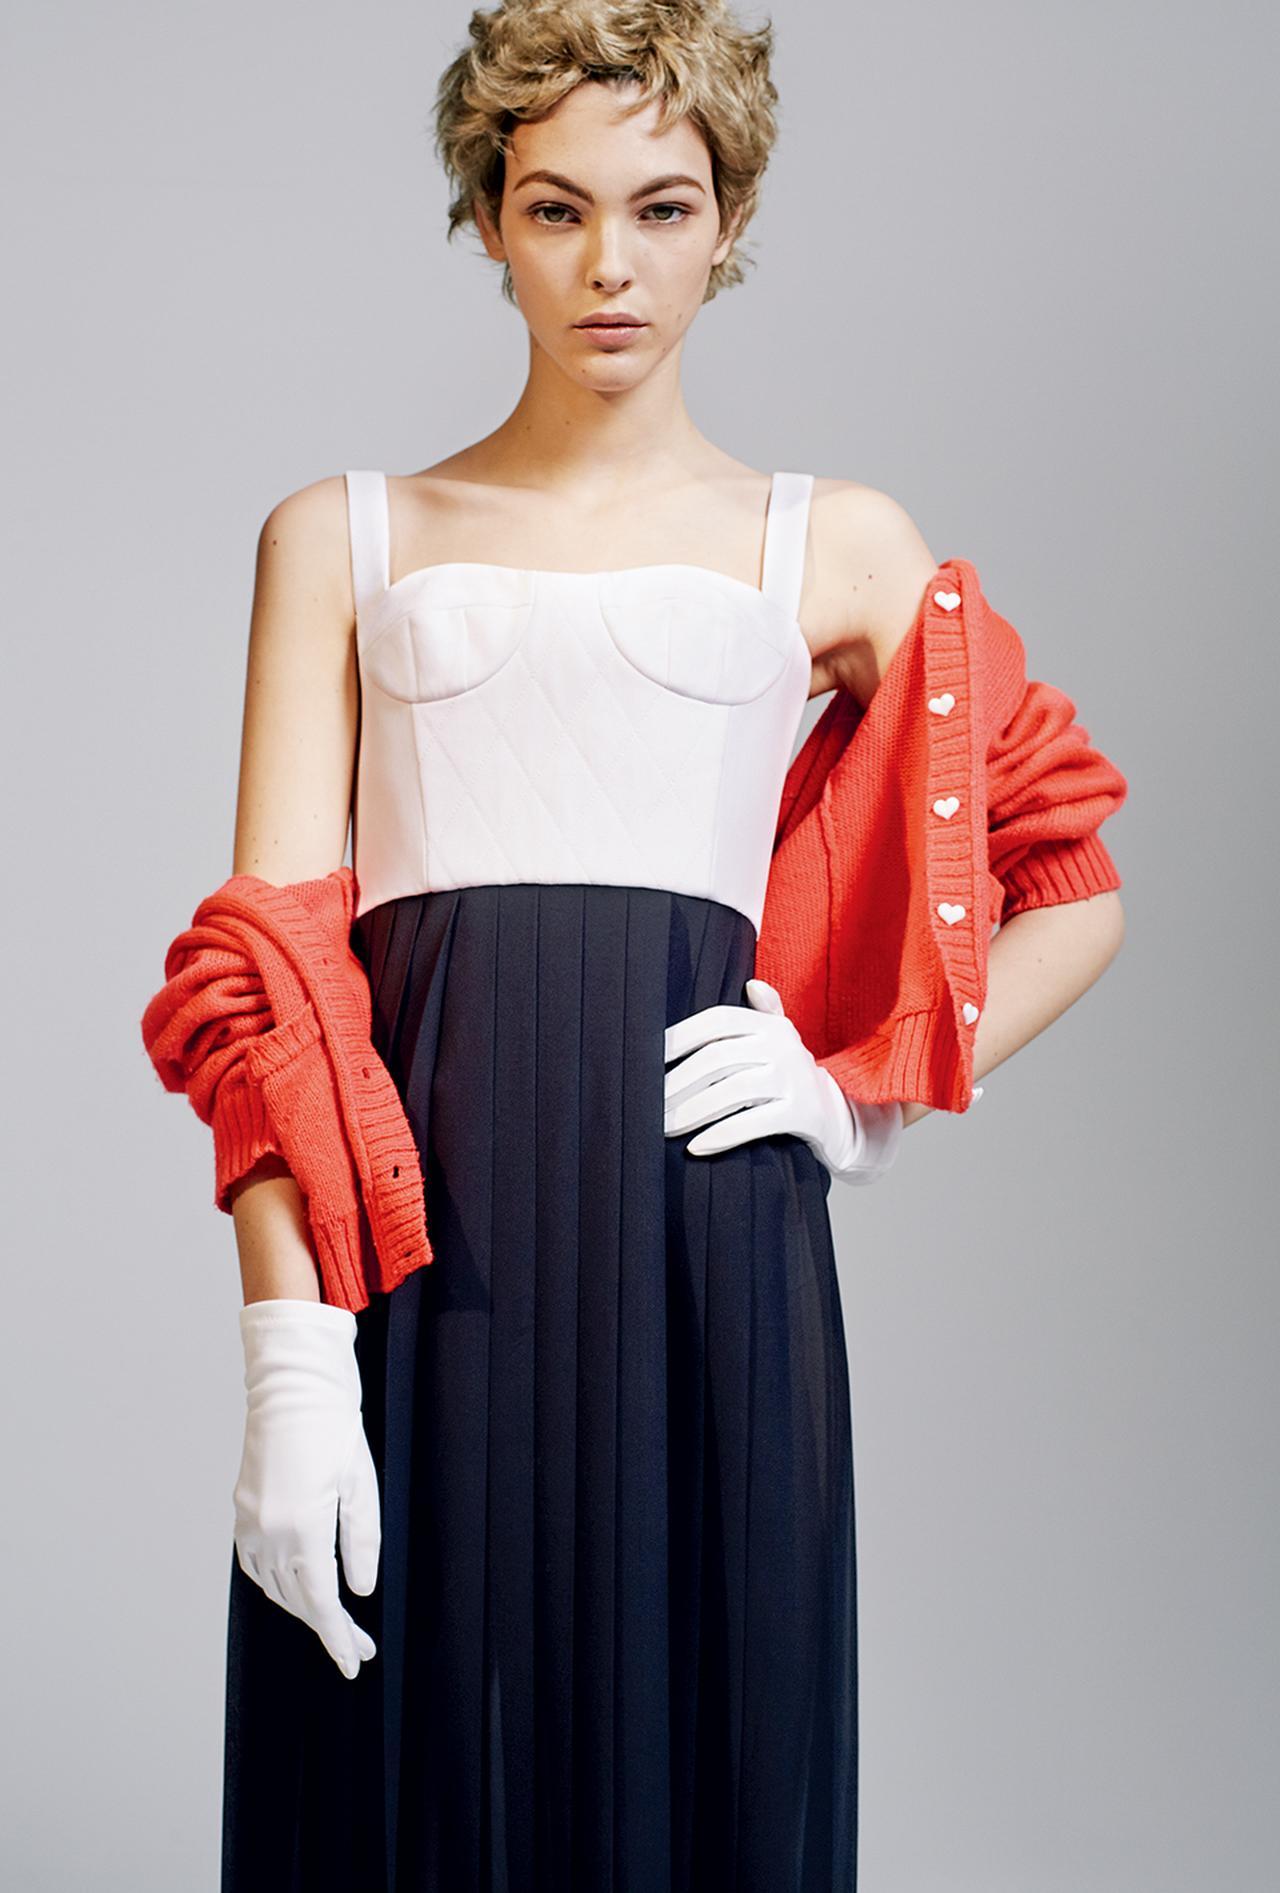 Images : 6番目の画像 - 「リトルホームドレスは 見かけほど甘くない」のアルバム - T JAPAN:The New York Times Style Magazine 公式サイト